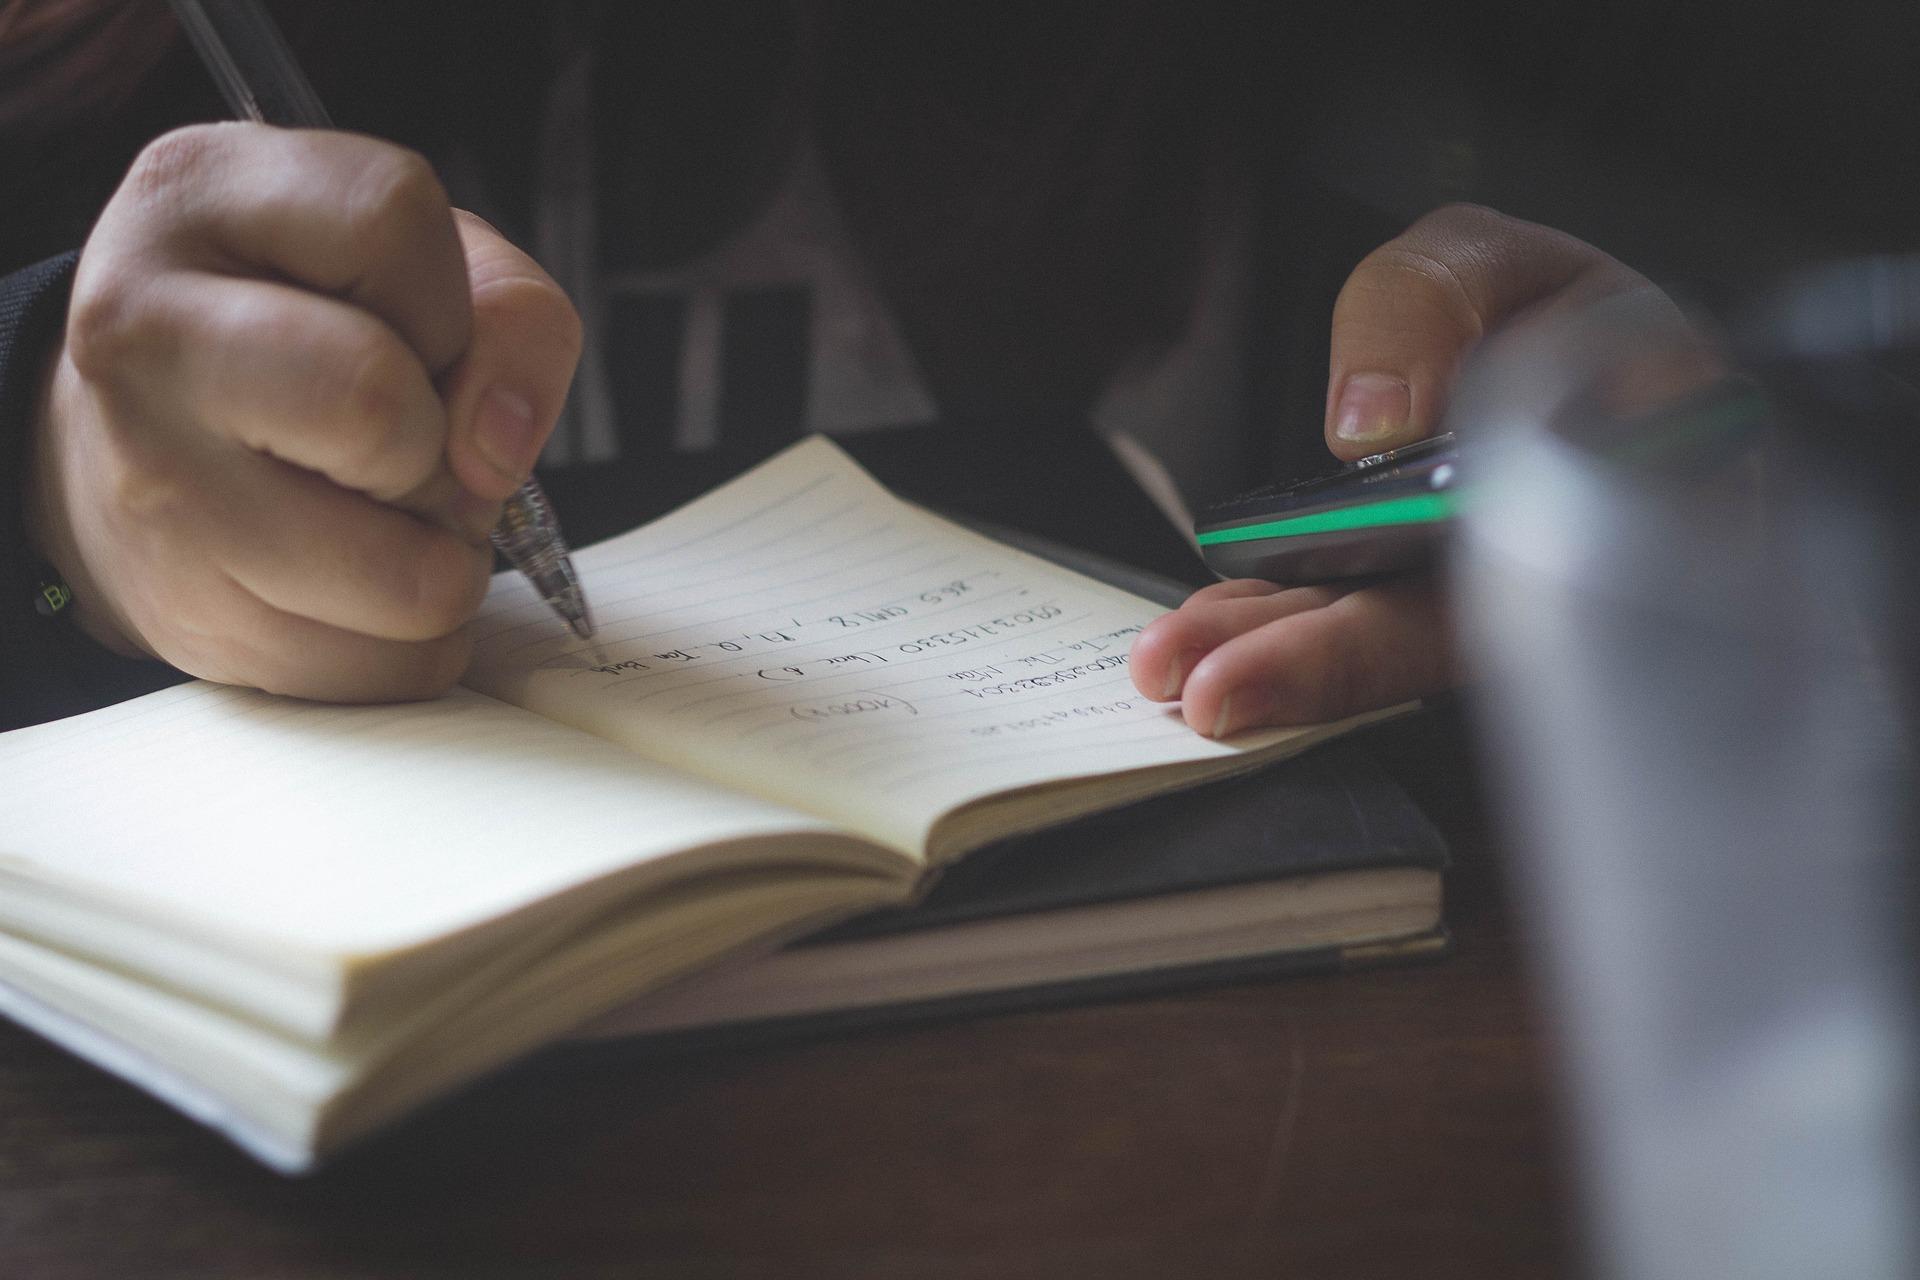 就活の小論文の失敗しない8つの書き方とは?例文テーマ6選や注意点も紹介!